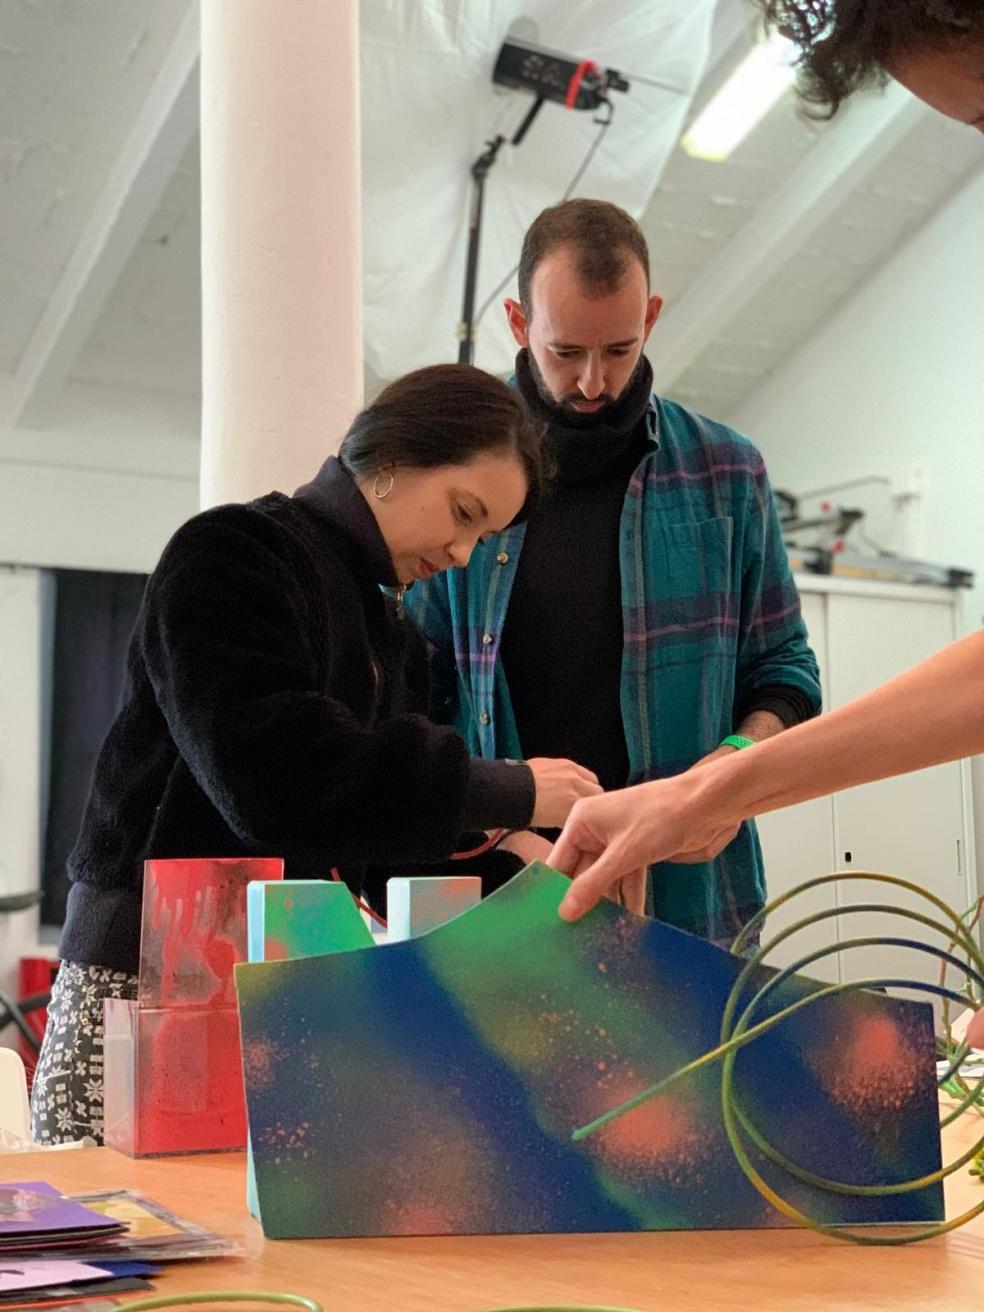 Dirección de Arte Intuitiva, curso inspiracional